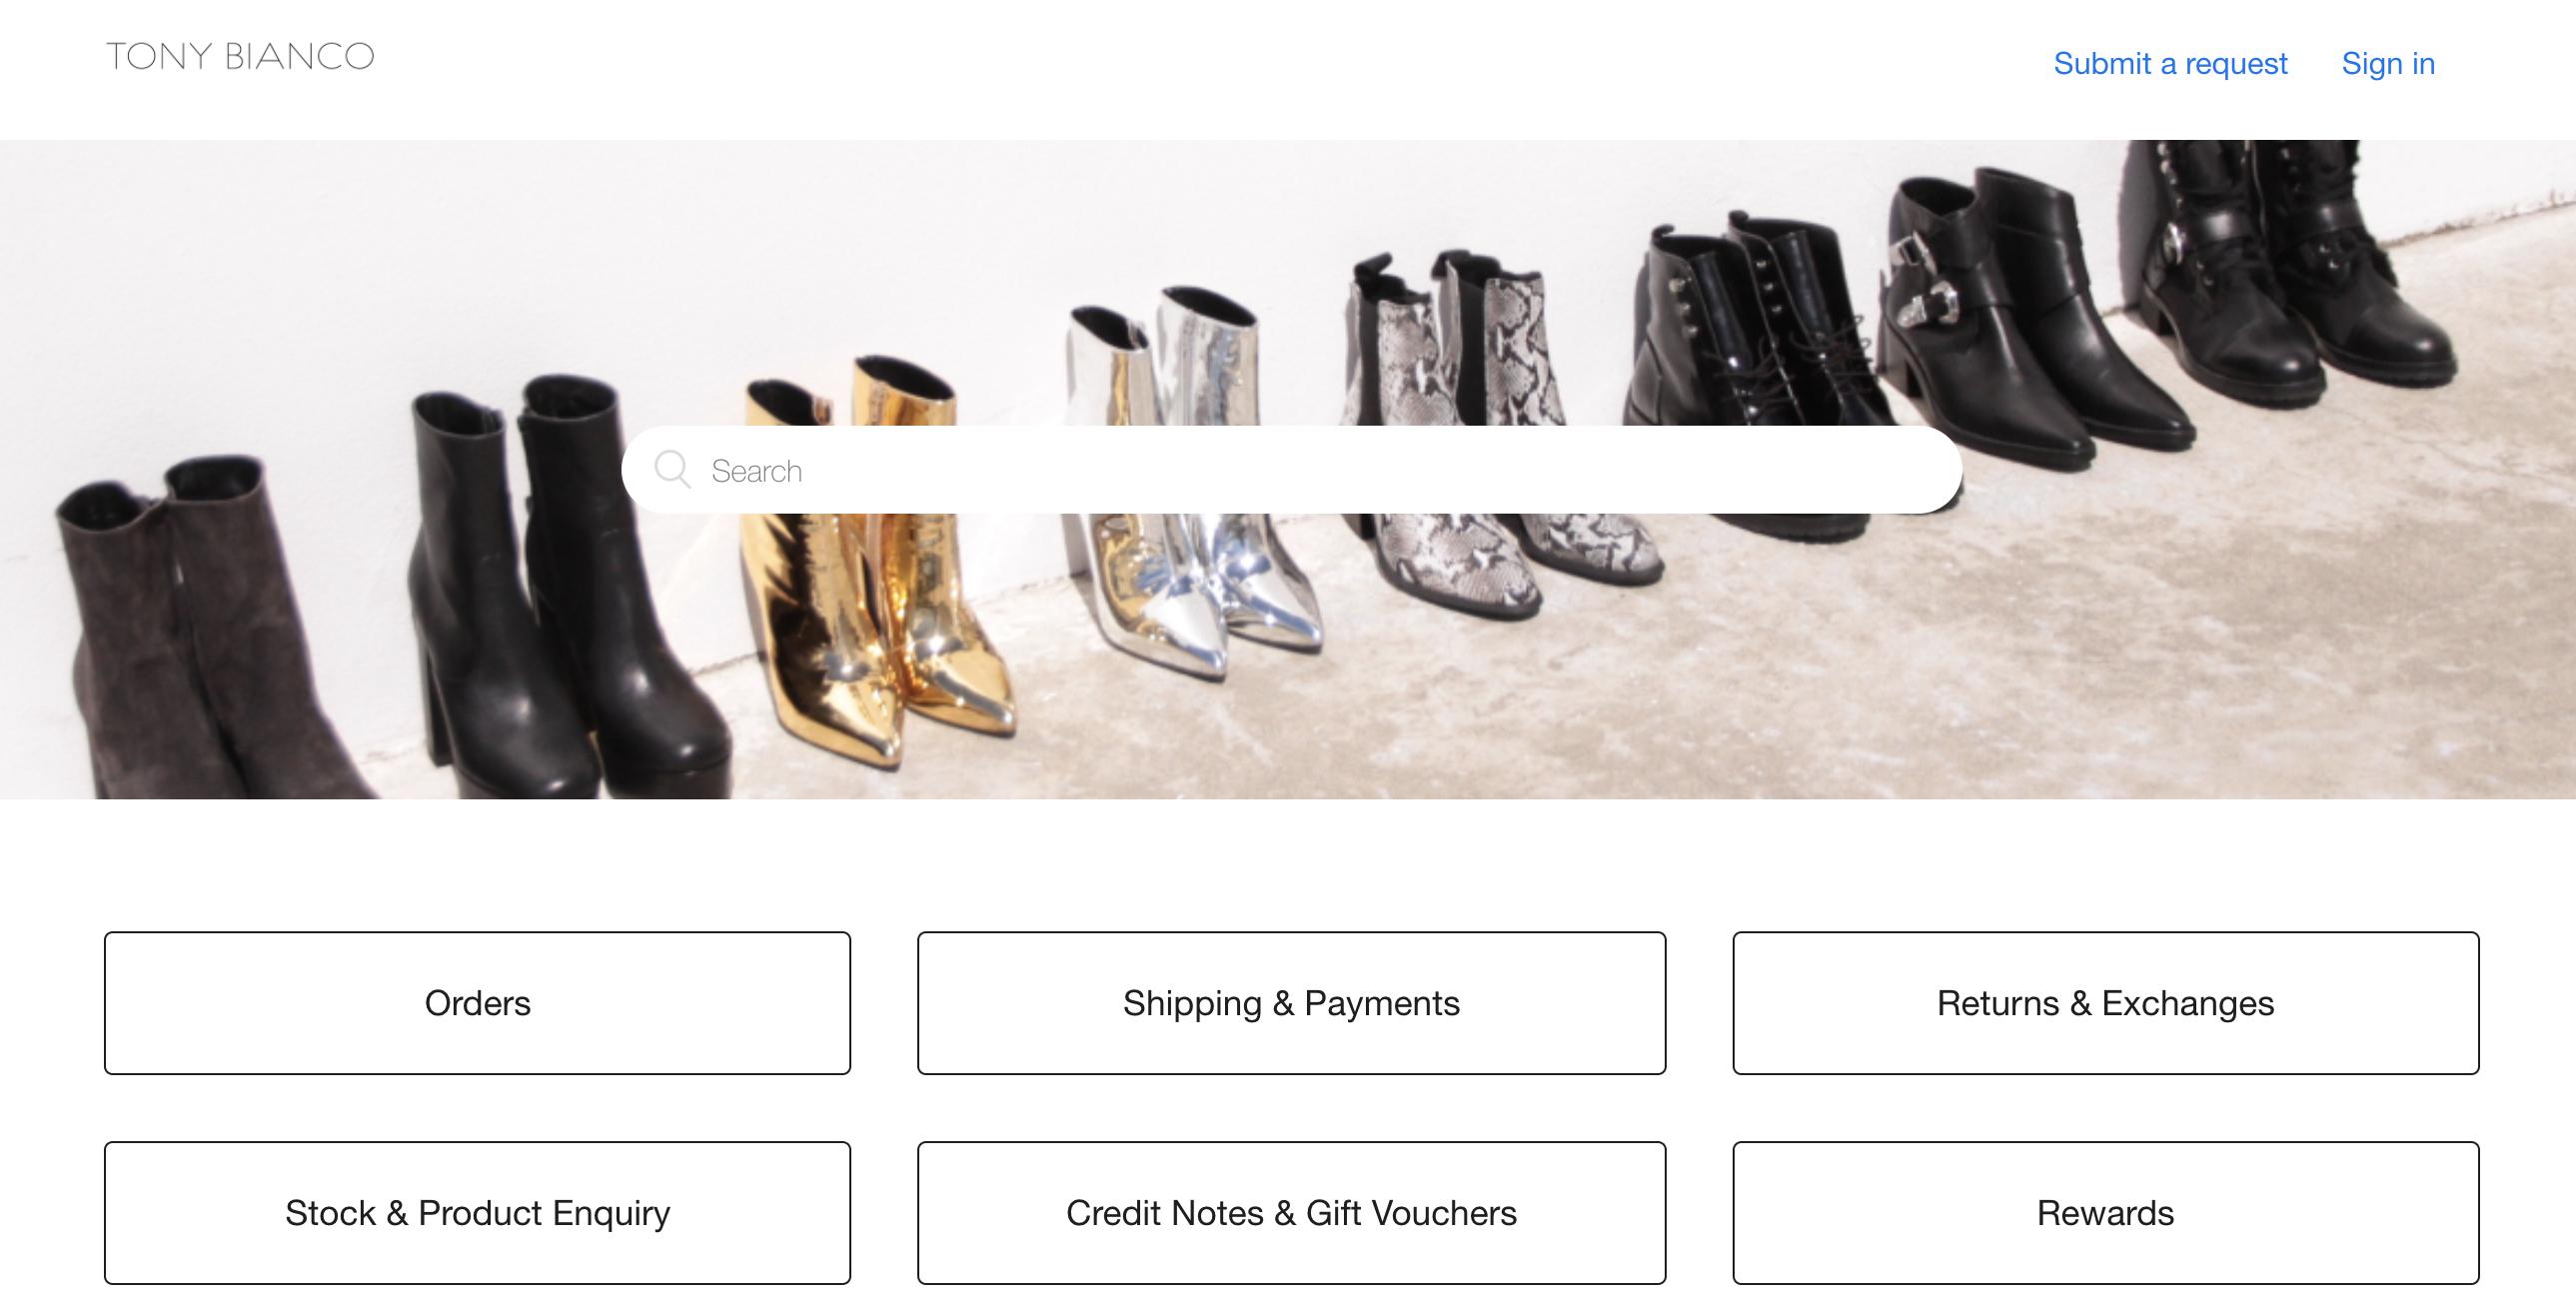 How Zendesk customers benefit from self-service   Zendesk Blog